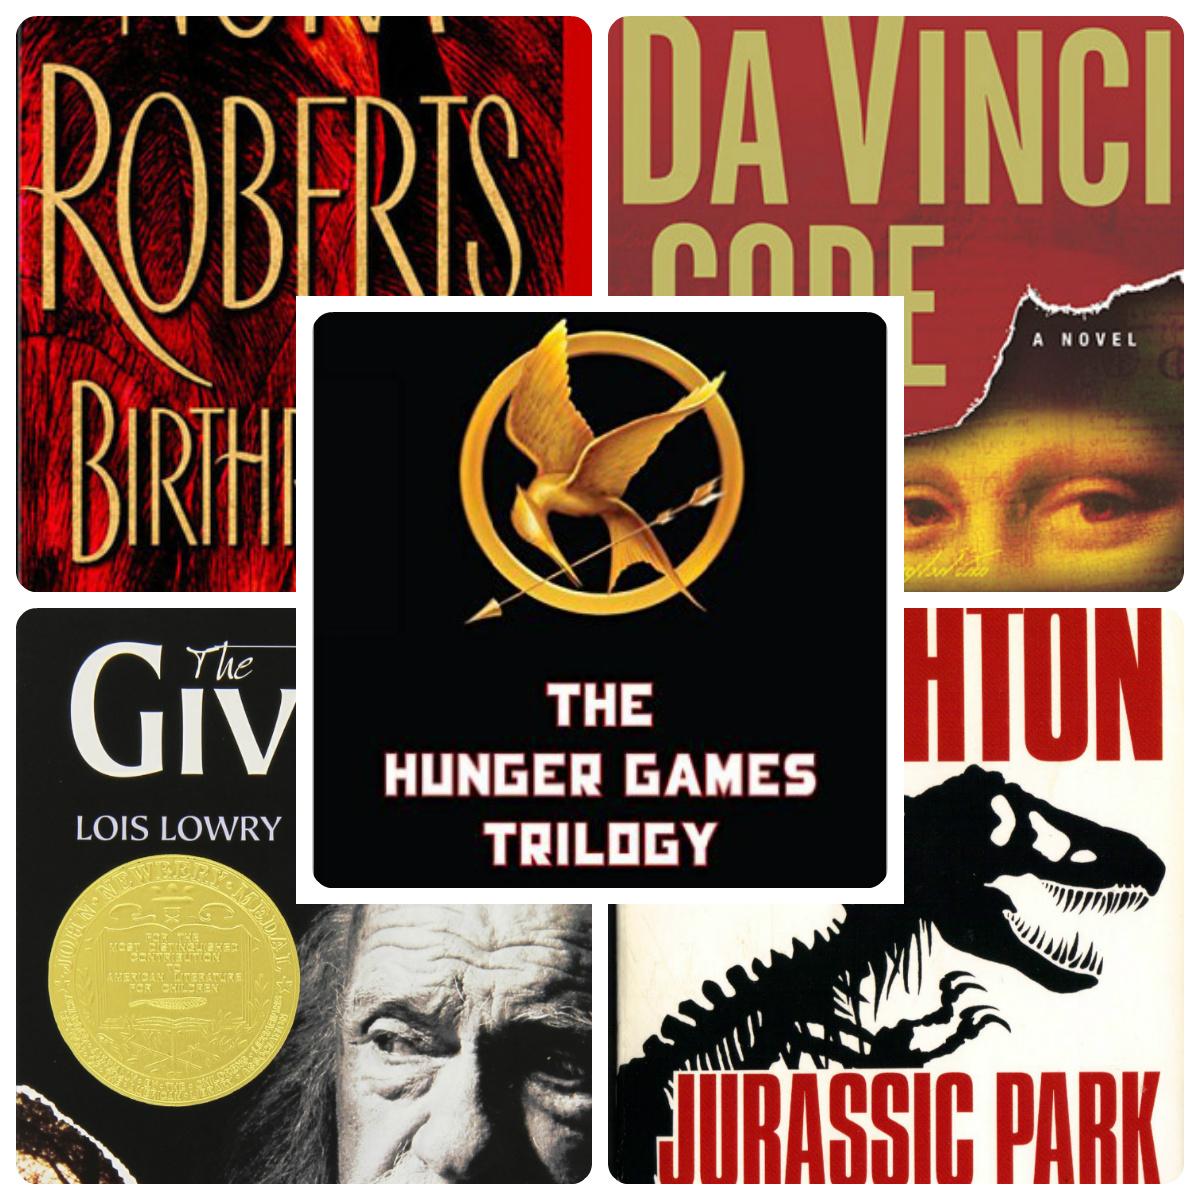 10 Libros En Ingl S Con Los Que Aprender Leyendo Ii Yentelman -> Como Se Dice Investigar En Ingles